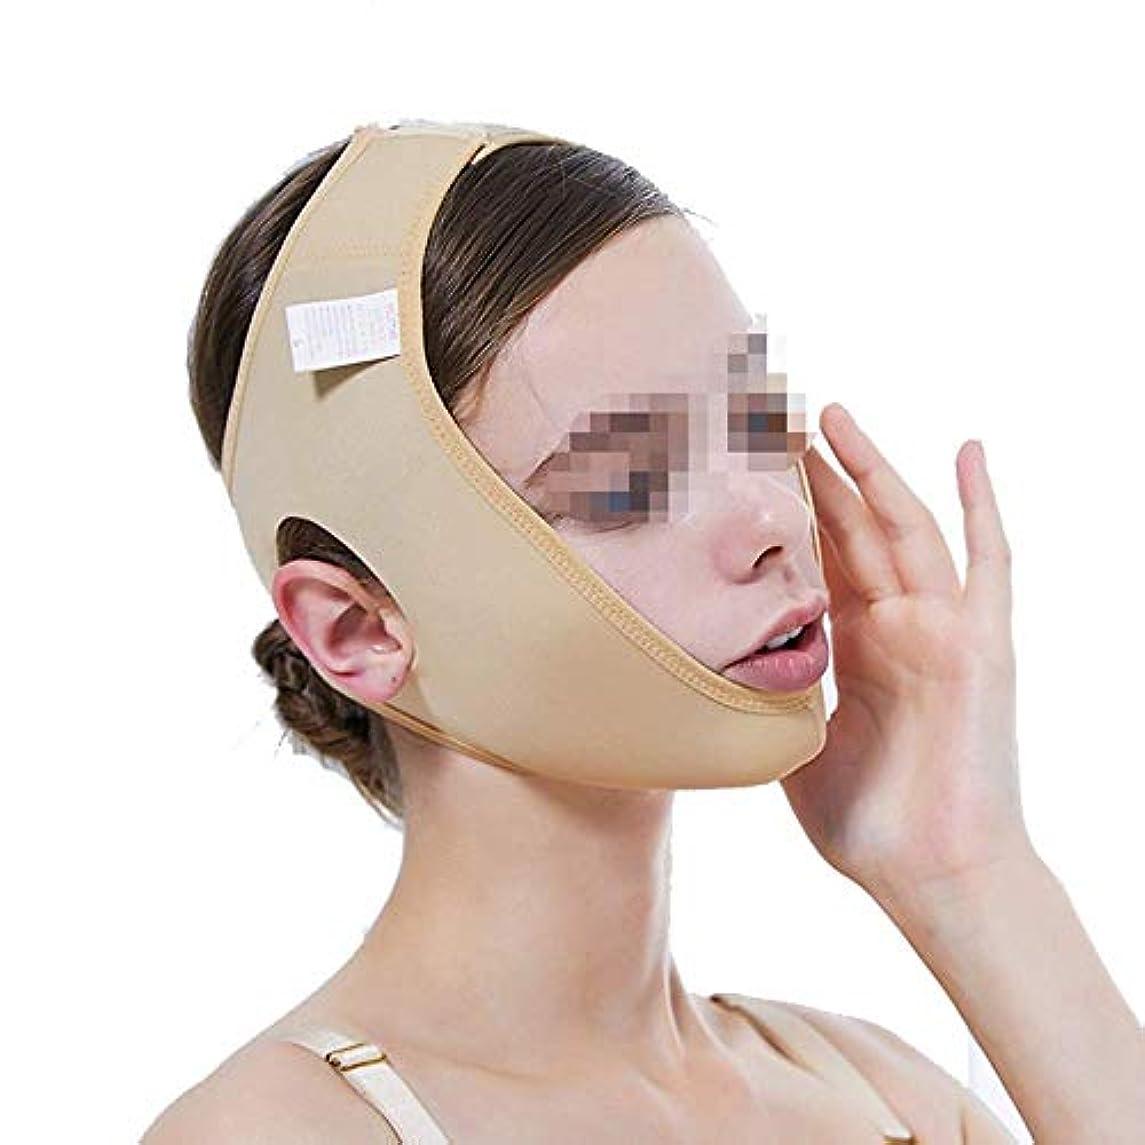 解釈的メカニック自体術後ヘッドギア、薄型ダブルあごVフェイスビームフェイスジョーセットフェイスマスクマルチサイズオプション(サイズ:XS),S